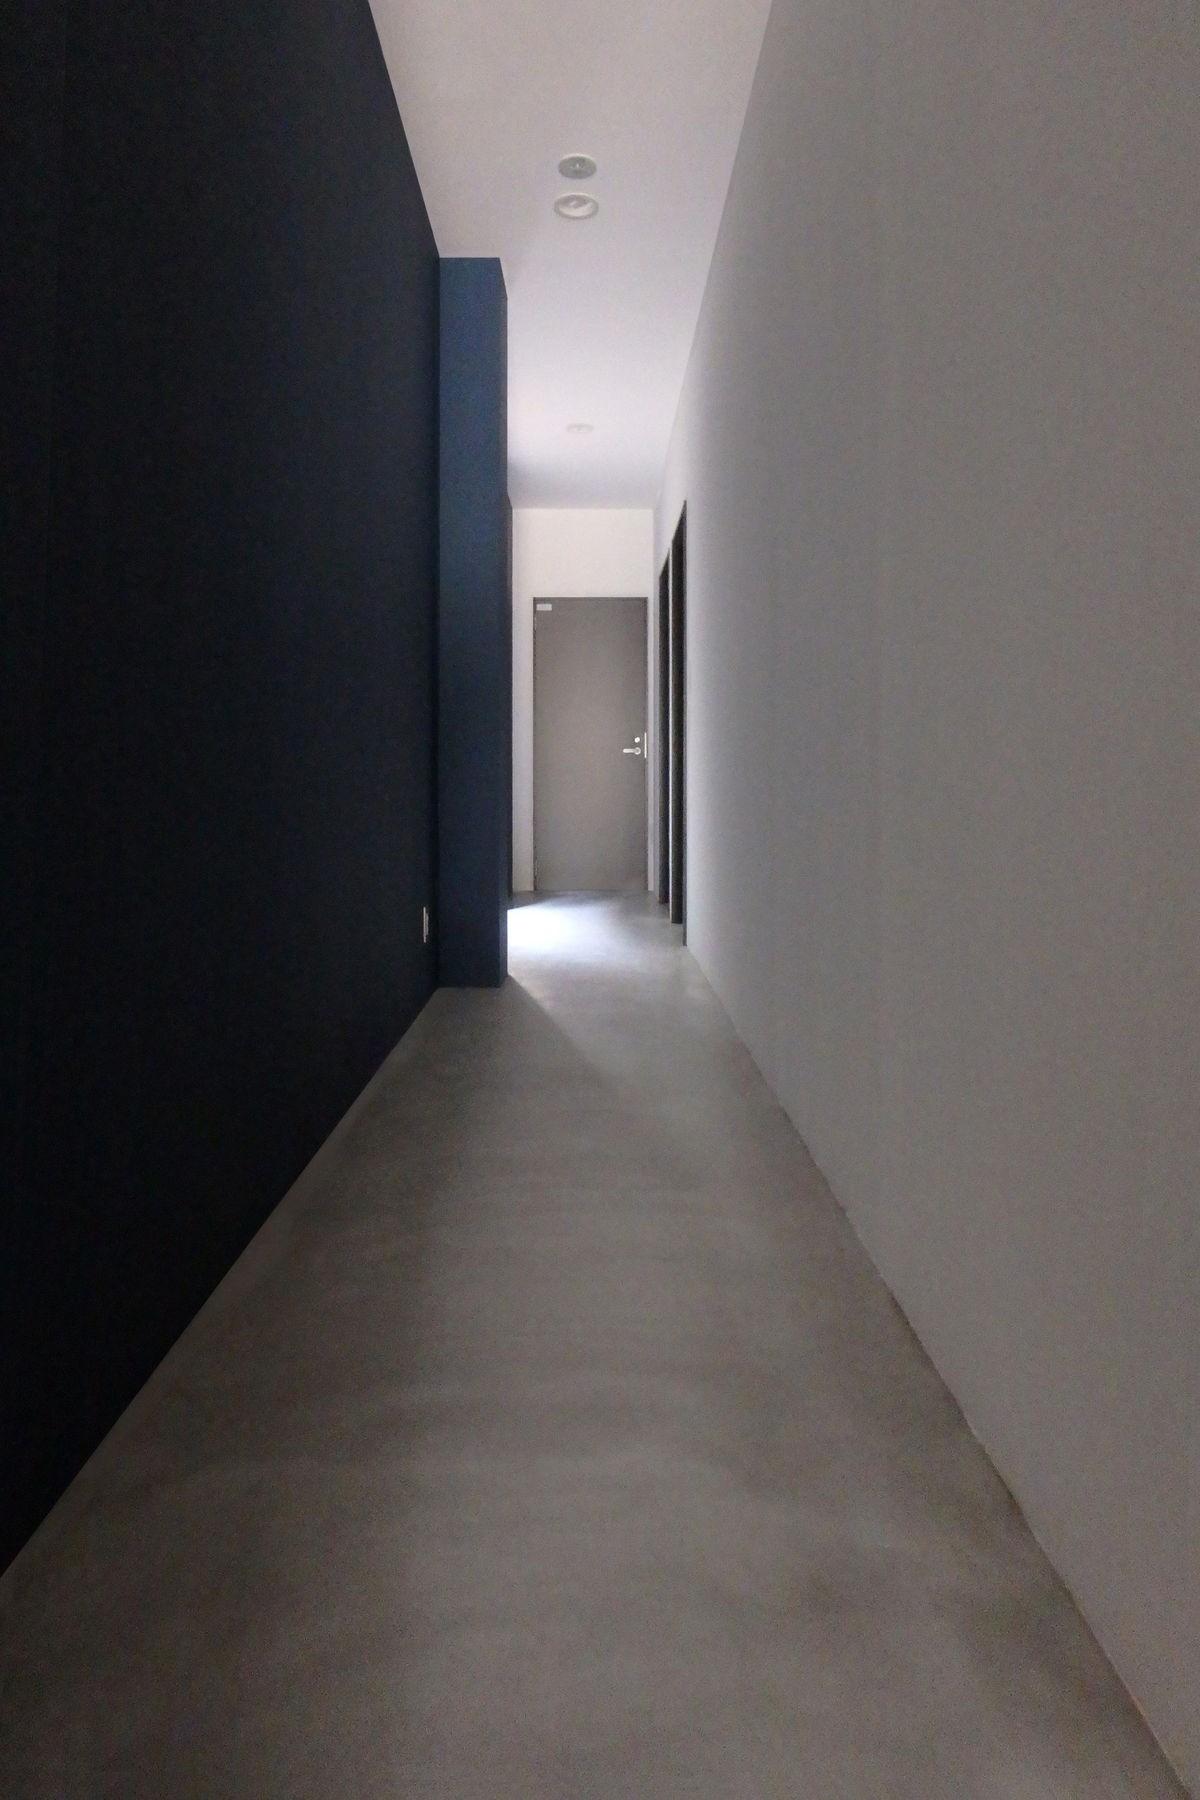 その他事例:1階廊下(Kururi|倉庫・工場をコンバージョンしたゲストハウス・シェアハウス【奈良市】)